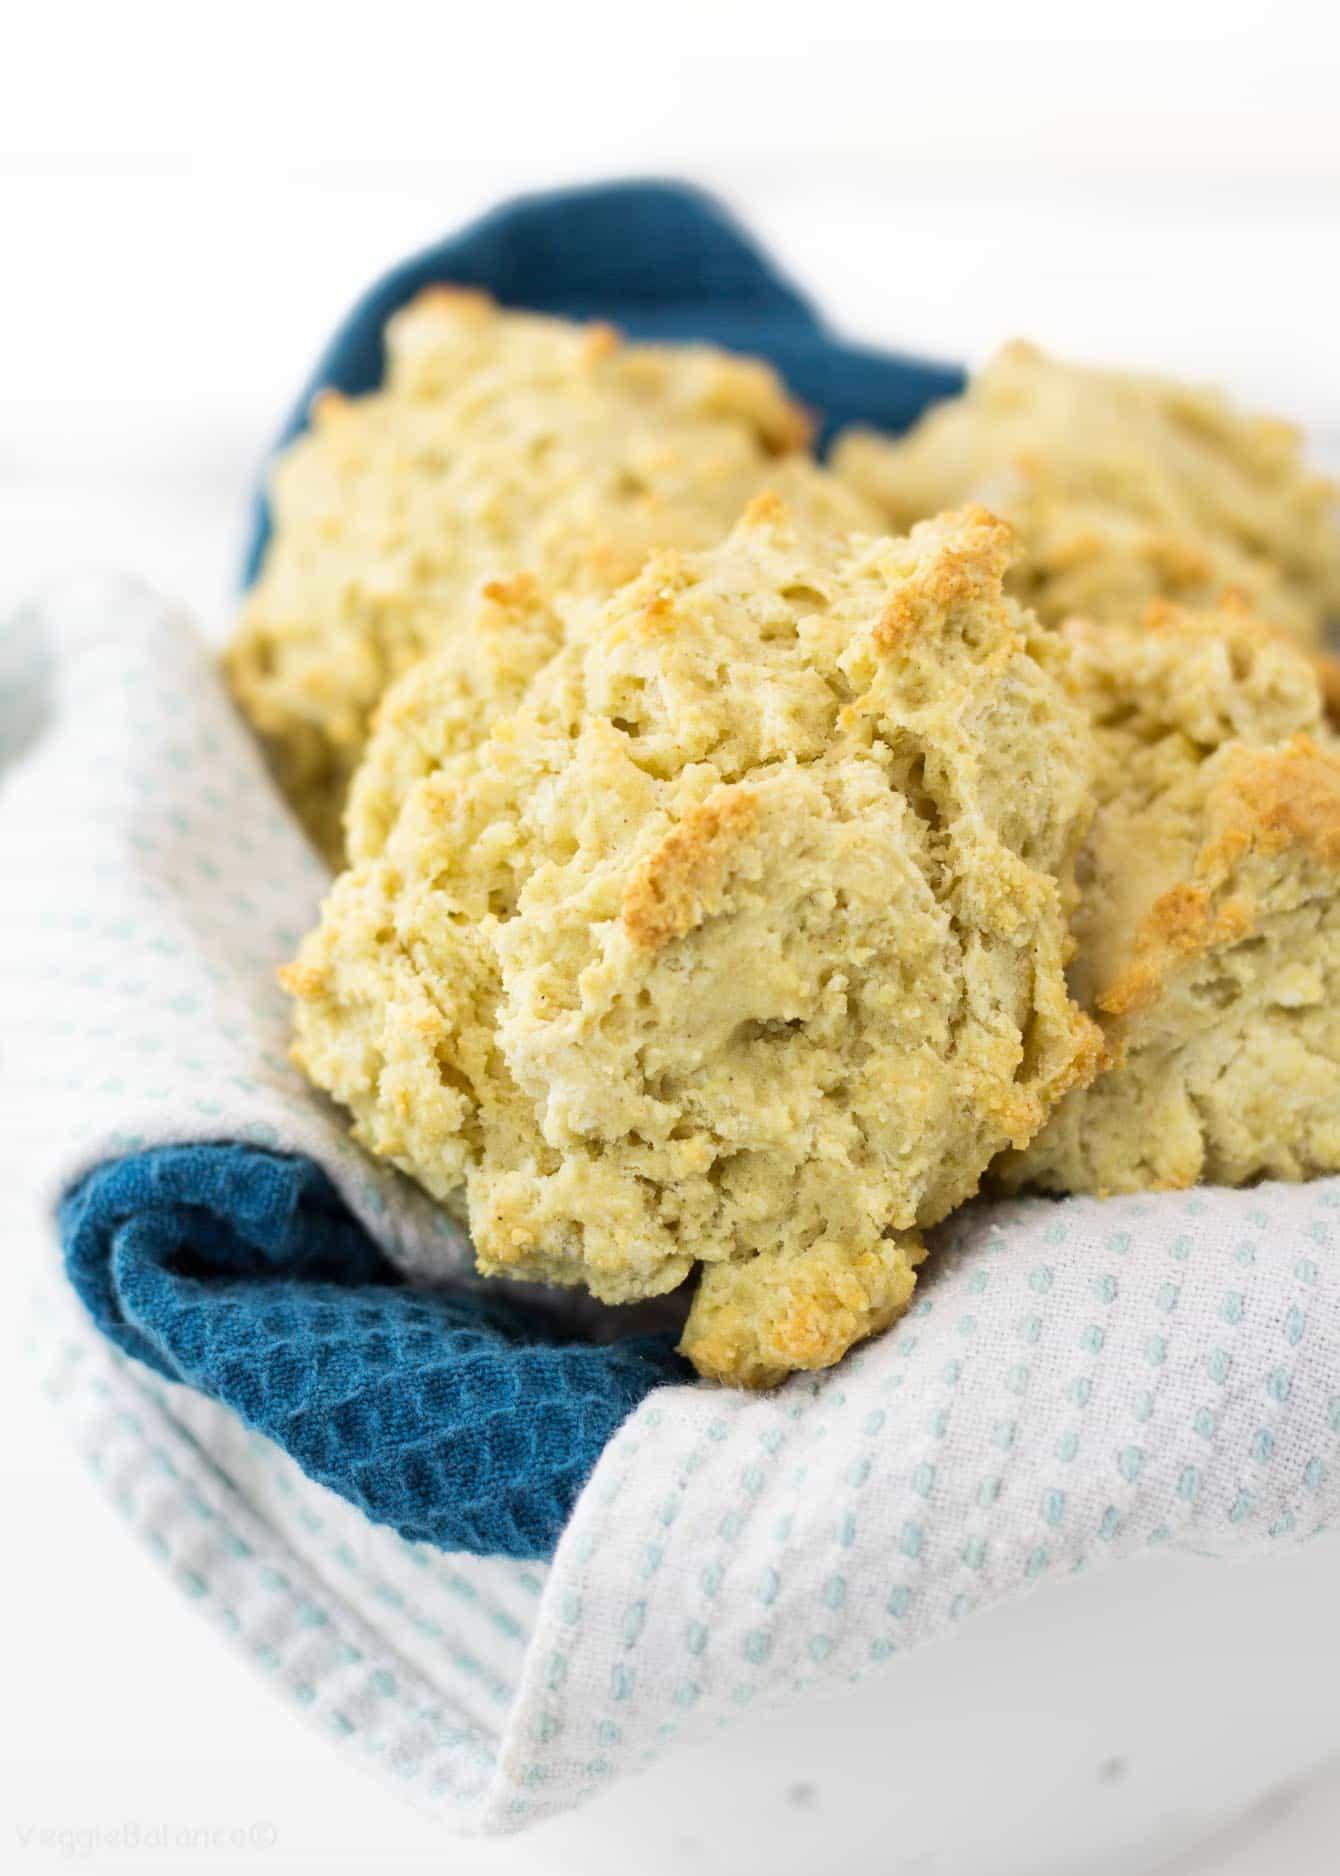 Unbelievable Gluten Free Drop Biscuits Recipe